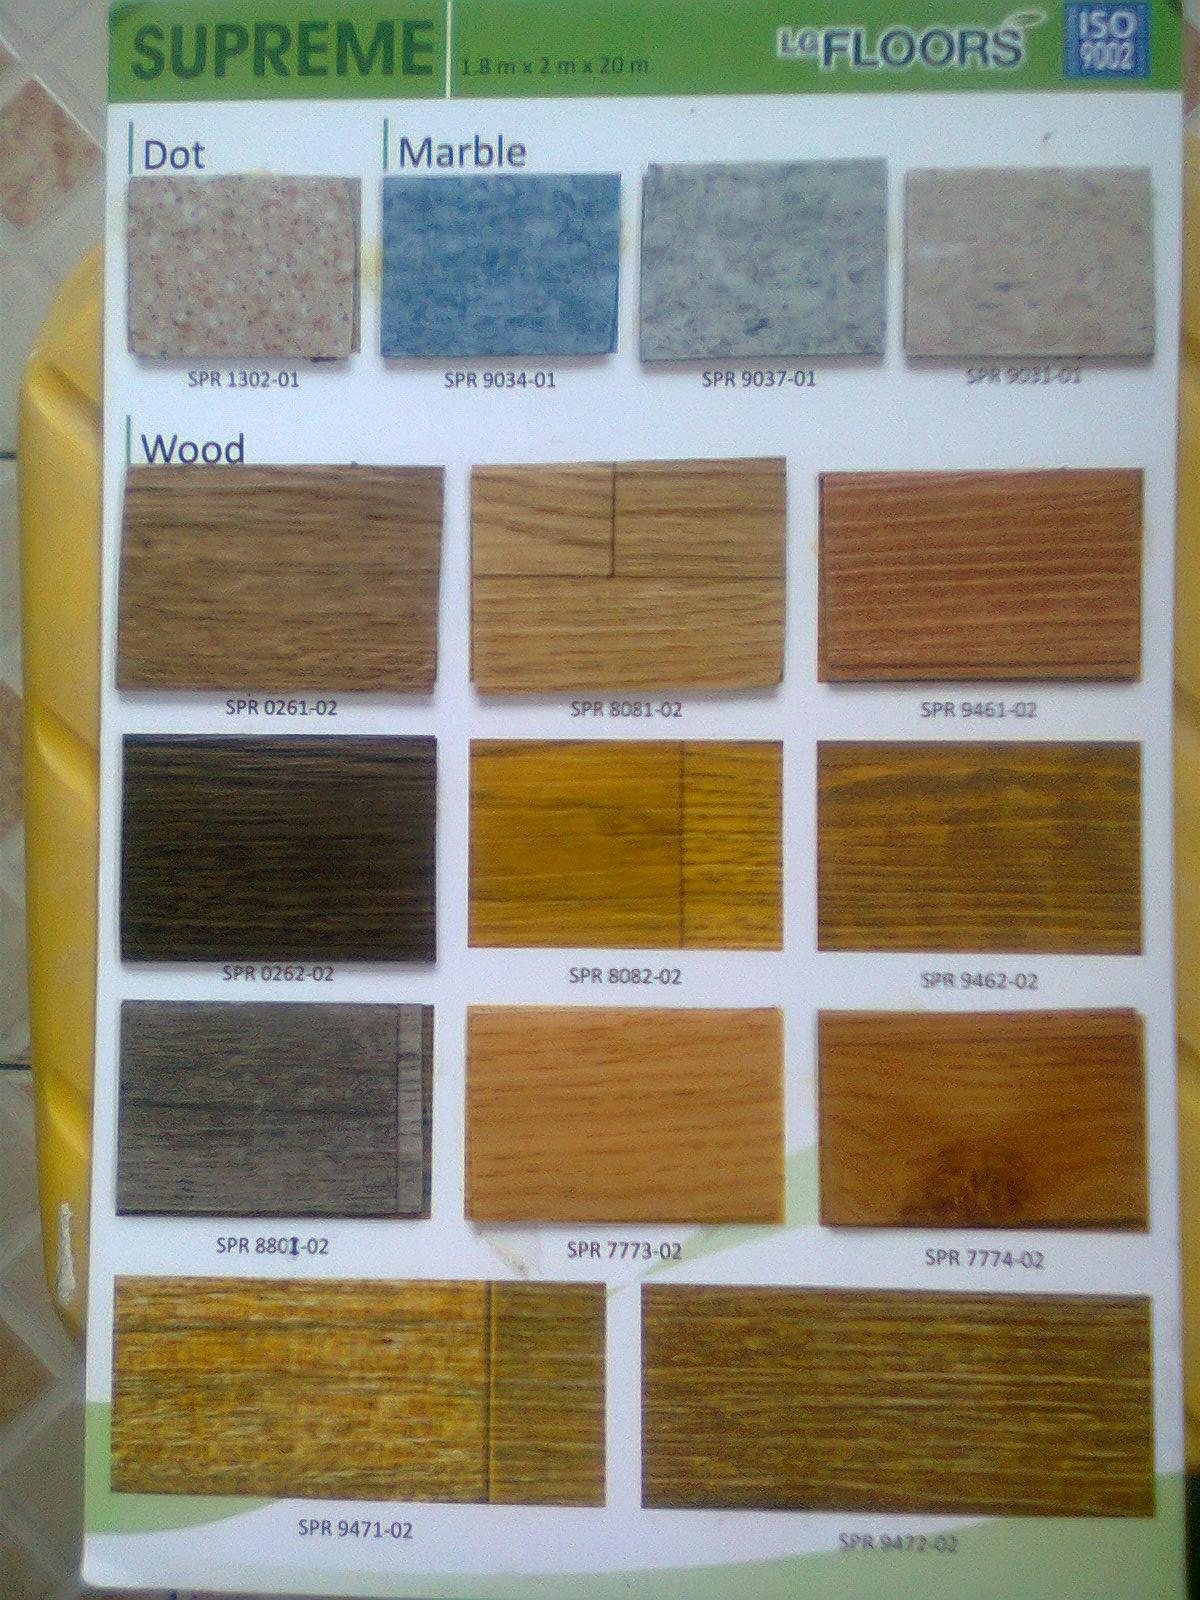 INDAH GRAPHIA TRADING Karpet Vinyl LG SUPREME Murah